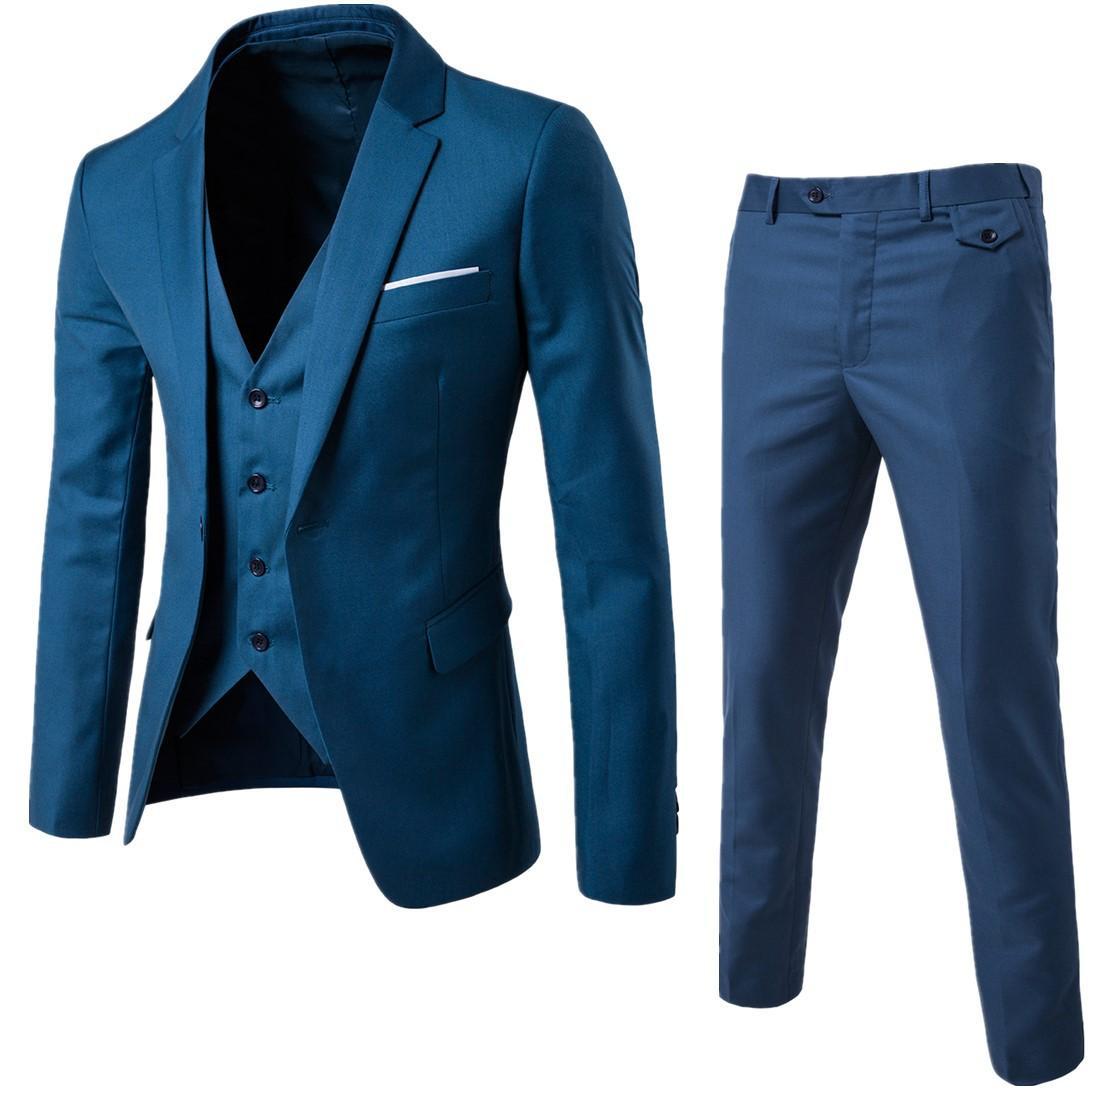 Suit Erkekler Üç parçalı Seti Kore tarzı Gençlik Yakışıklı İngiliz Tarzı Slim Fit Suit Best Man Damat Evlilik Resmi elbise